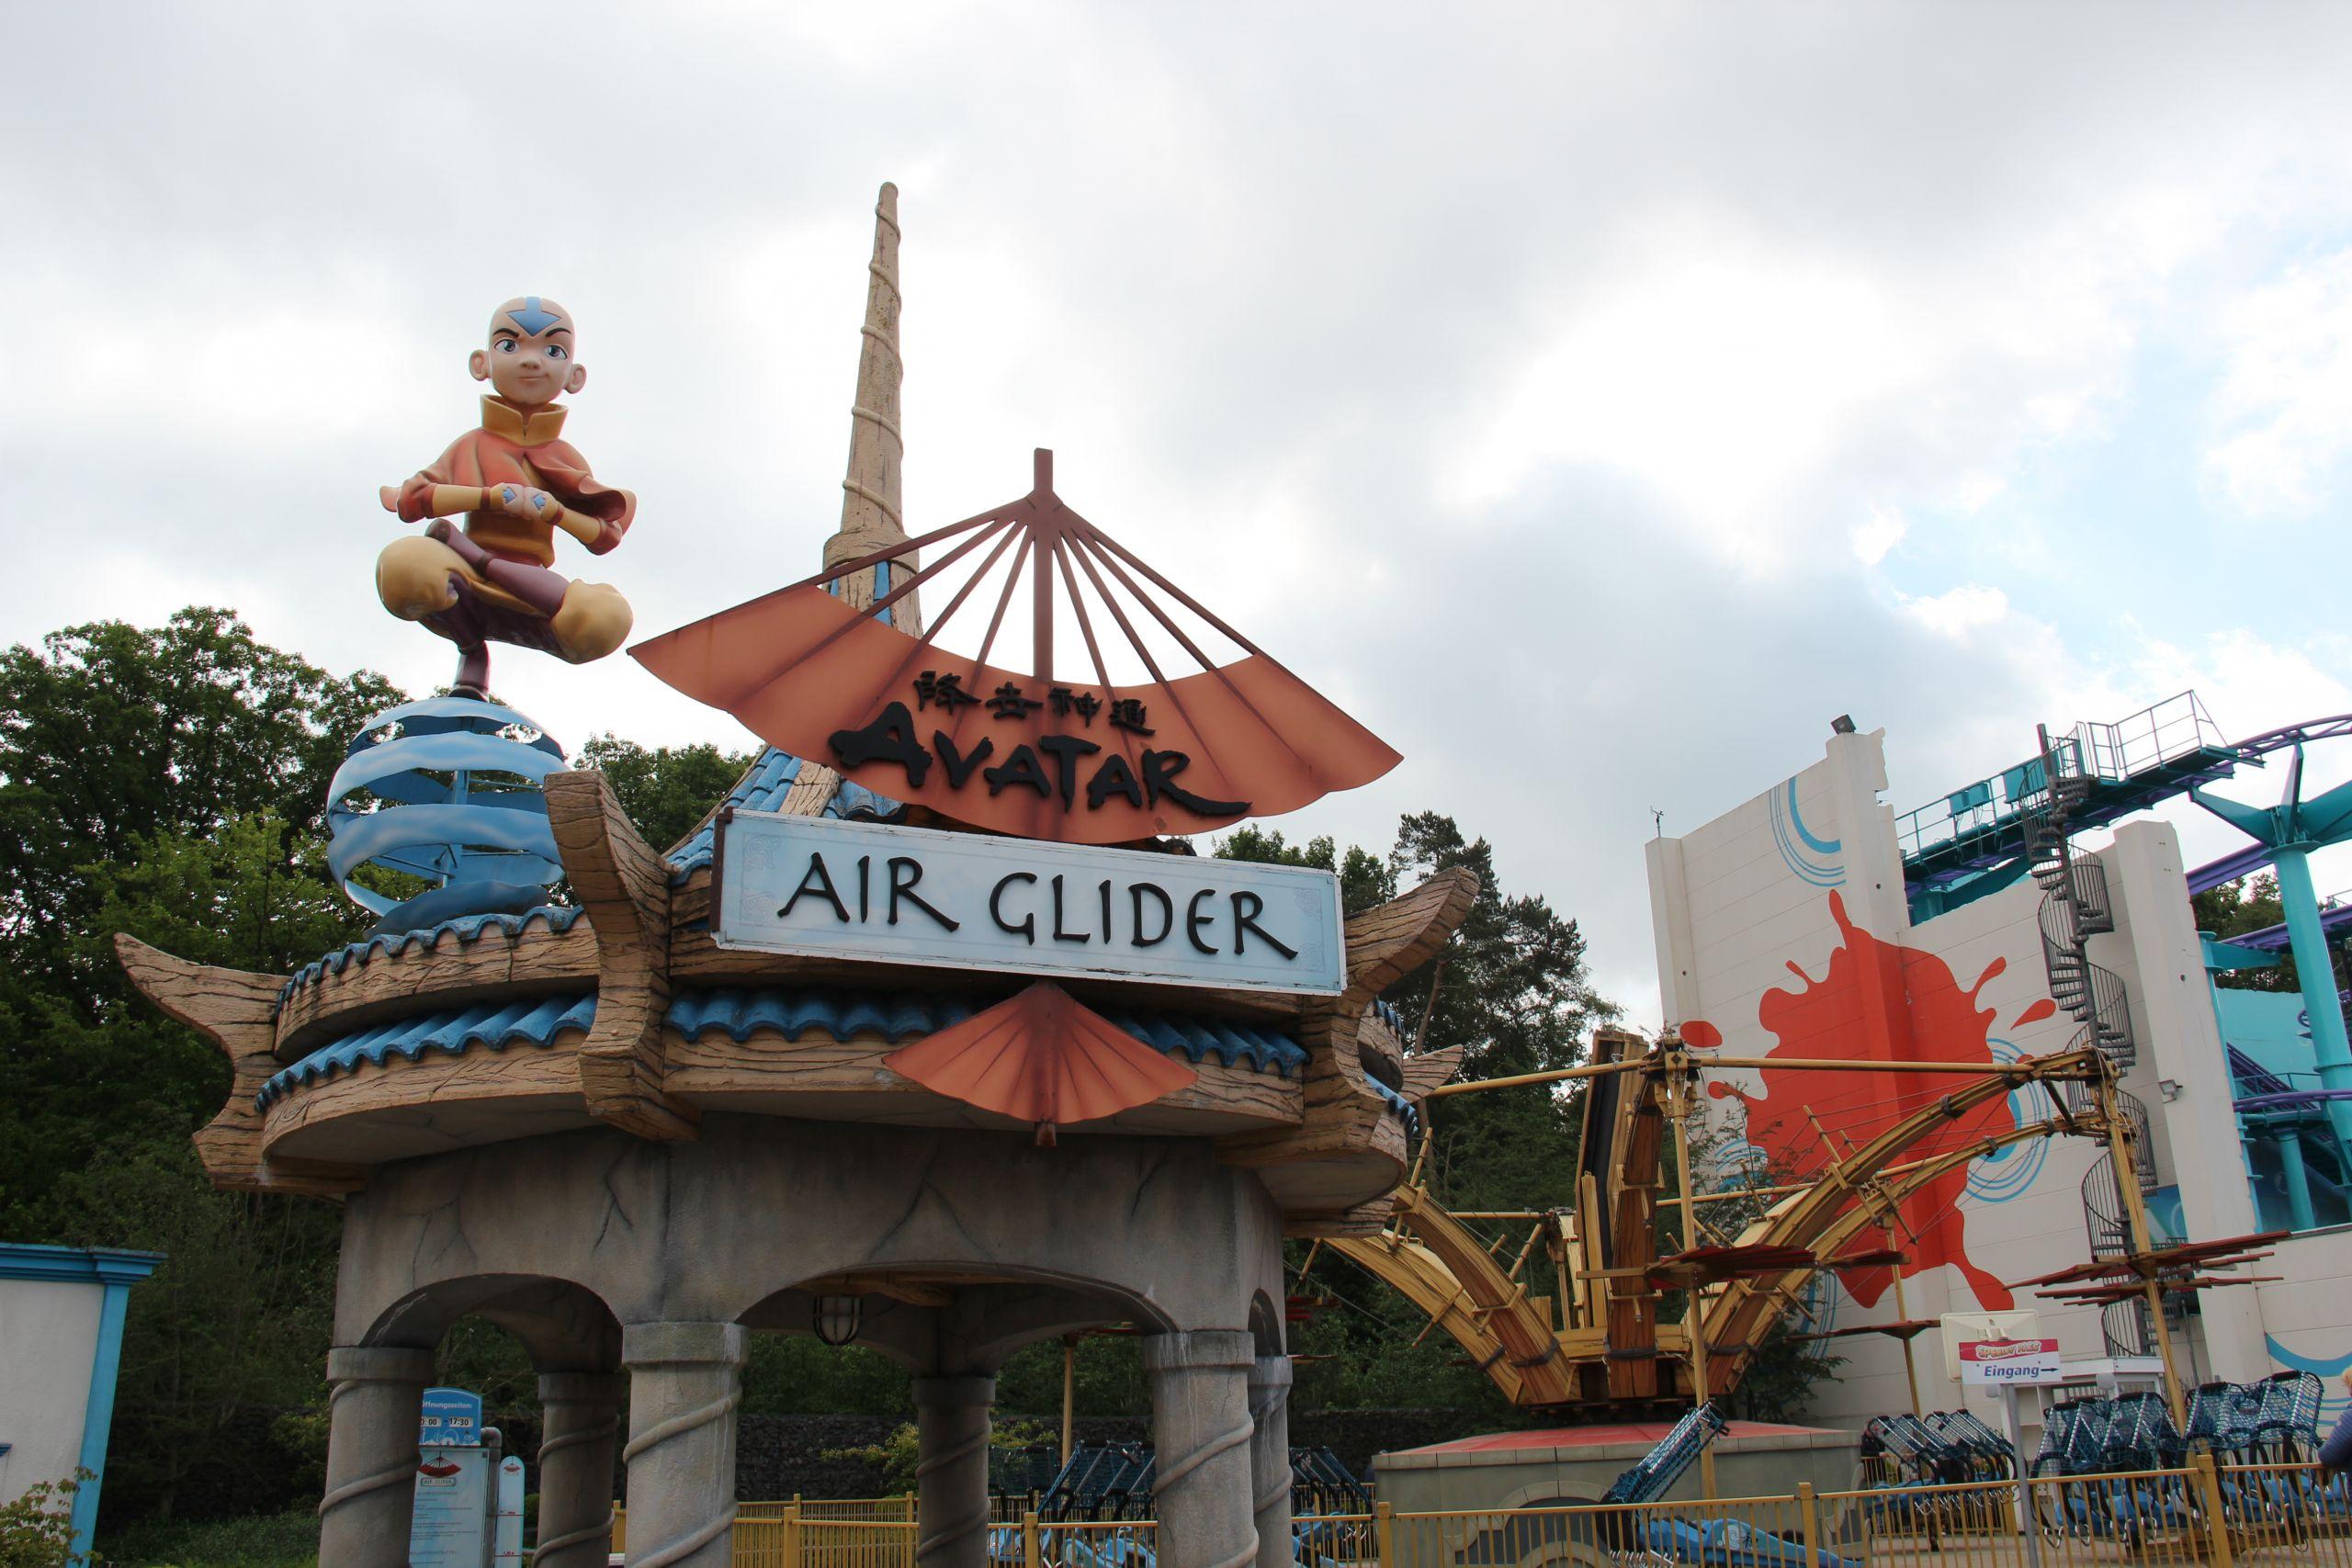 Avatar Air Glider